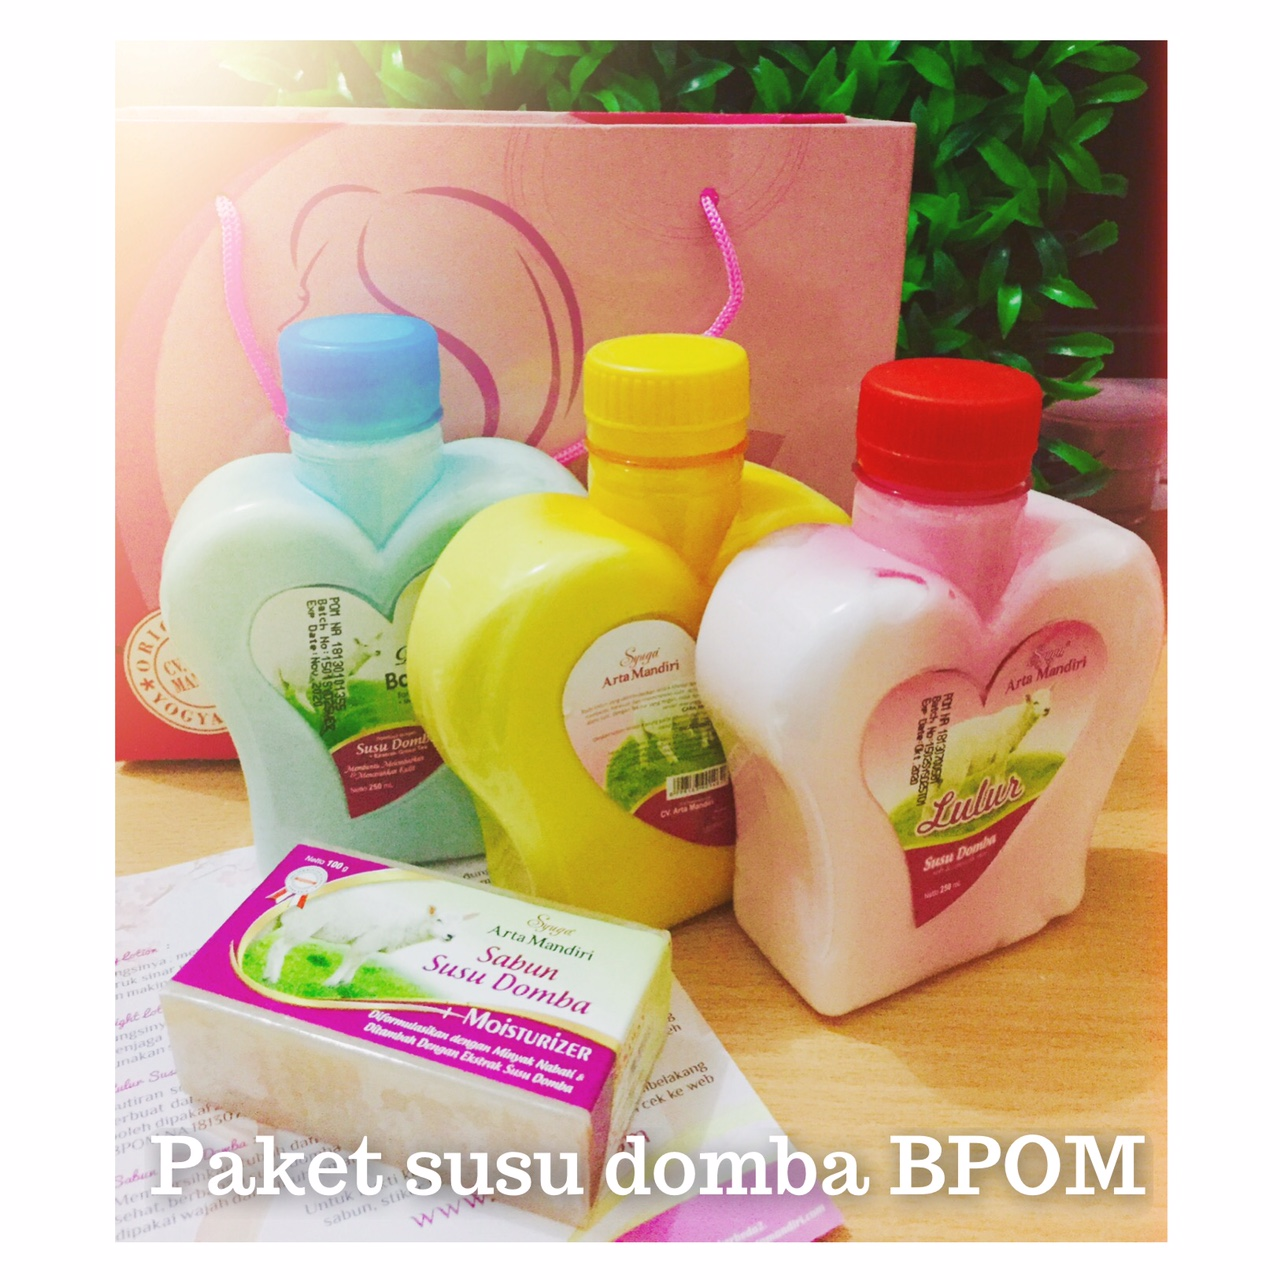 Paket Susu Domba Psd Pemutih Badan Asli Murah Original Bpom Cv Arta Cream Artha Mandiri Terdiri Dari